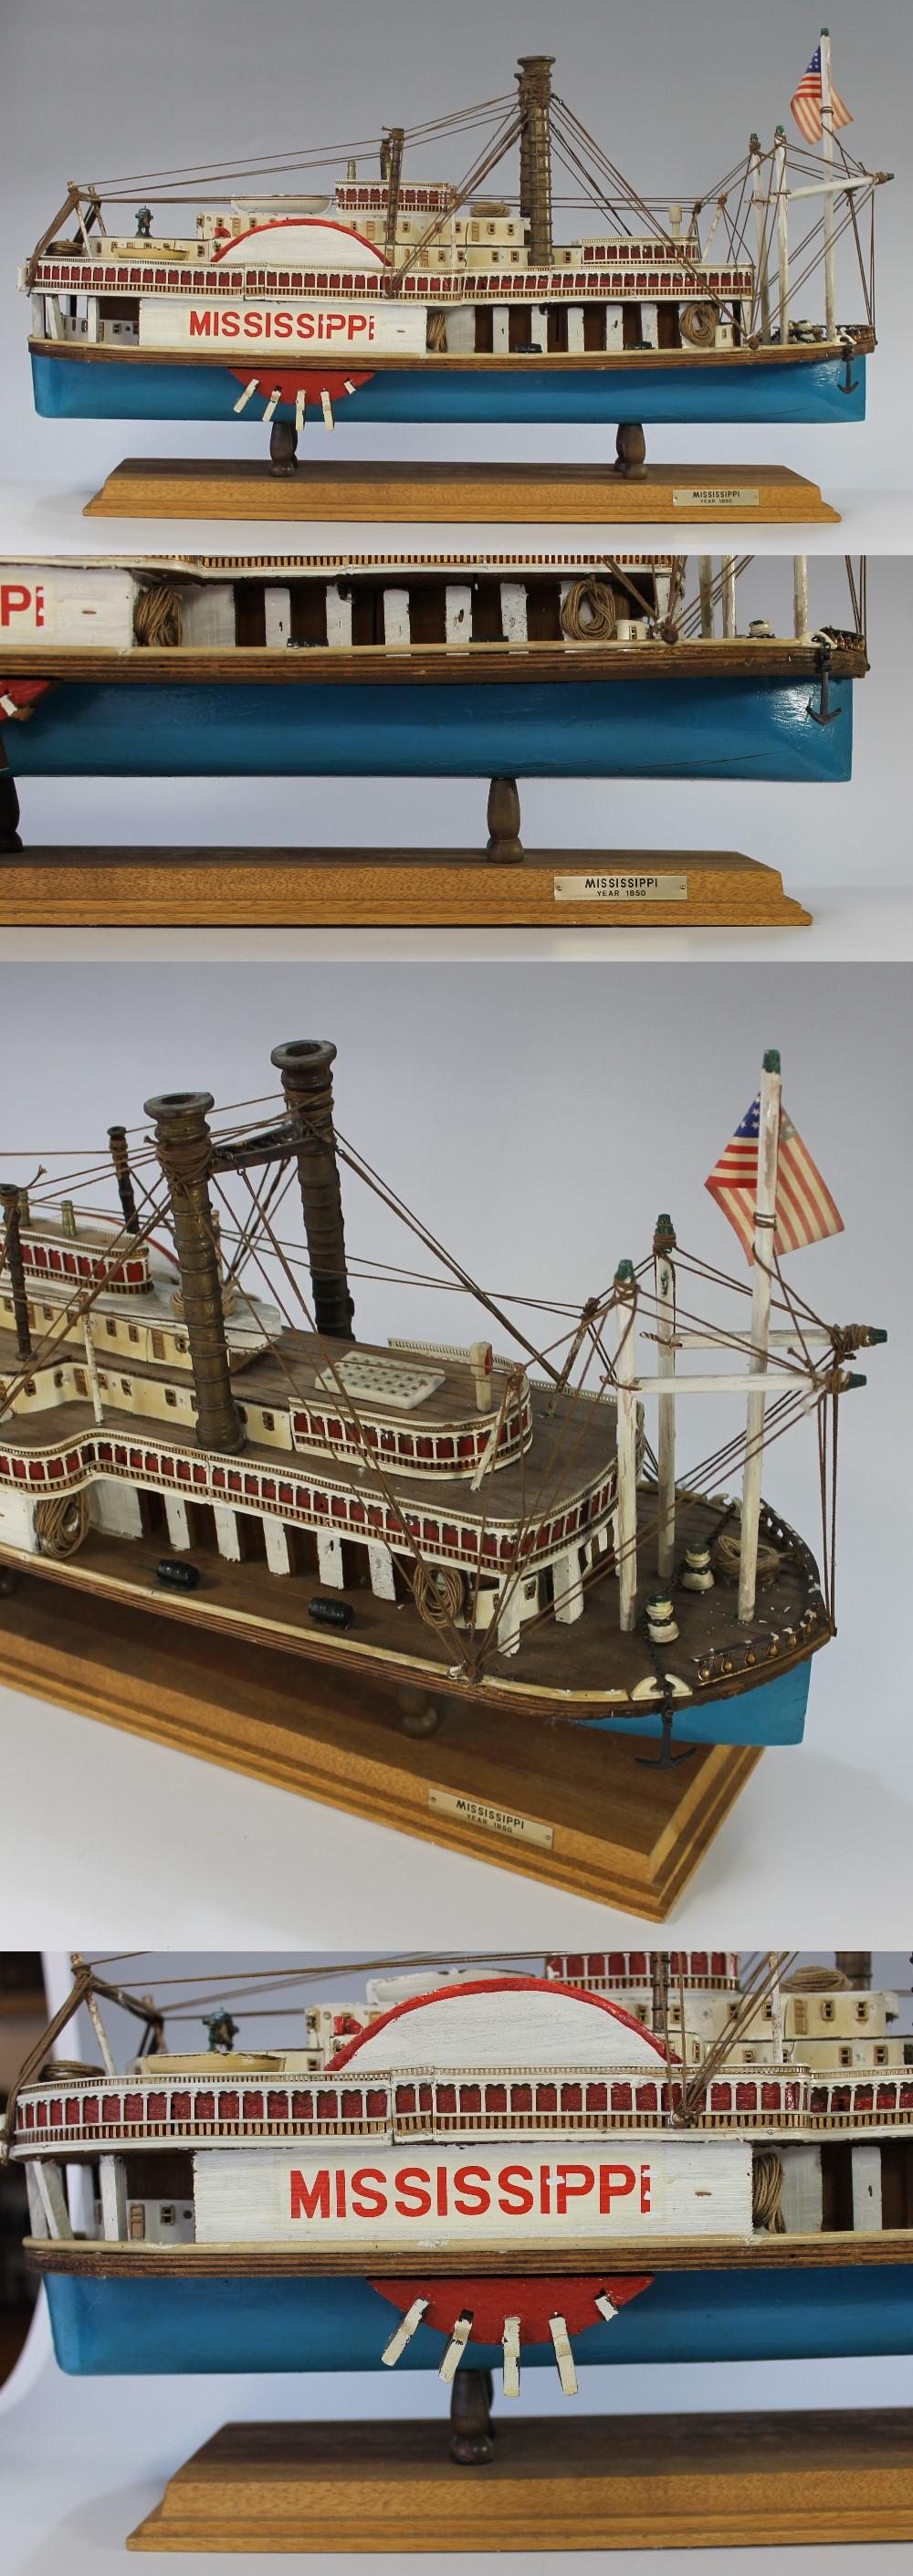 054蒸気船模型3